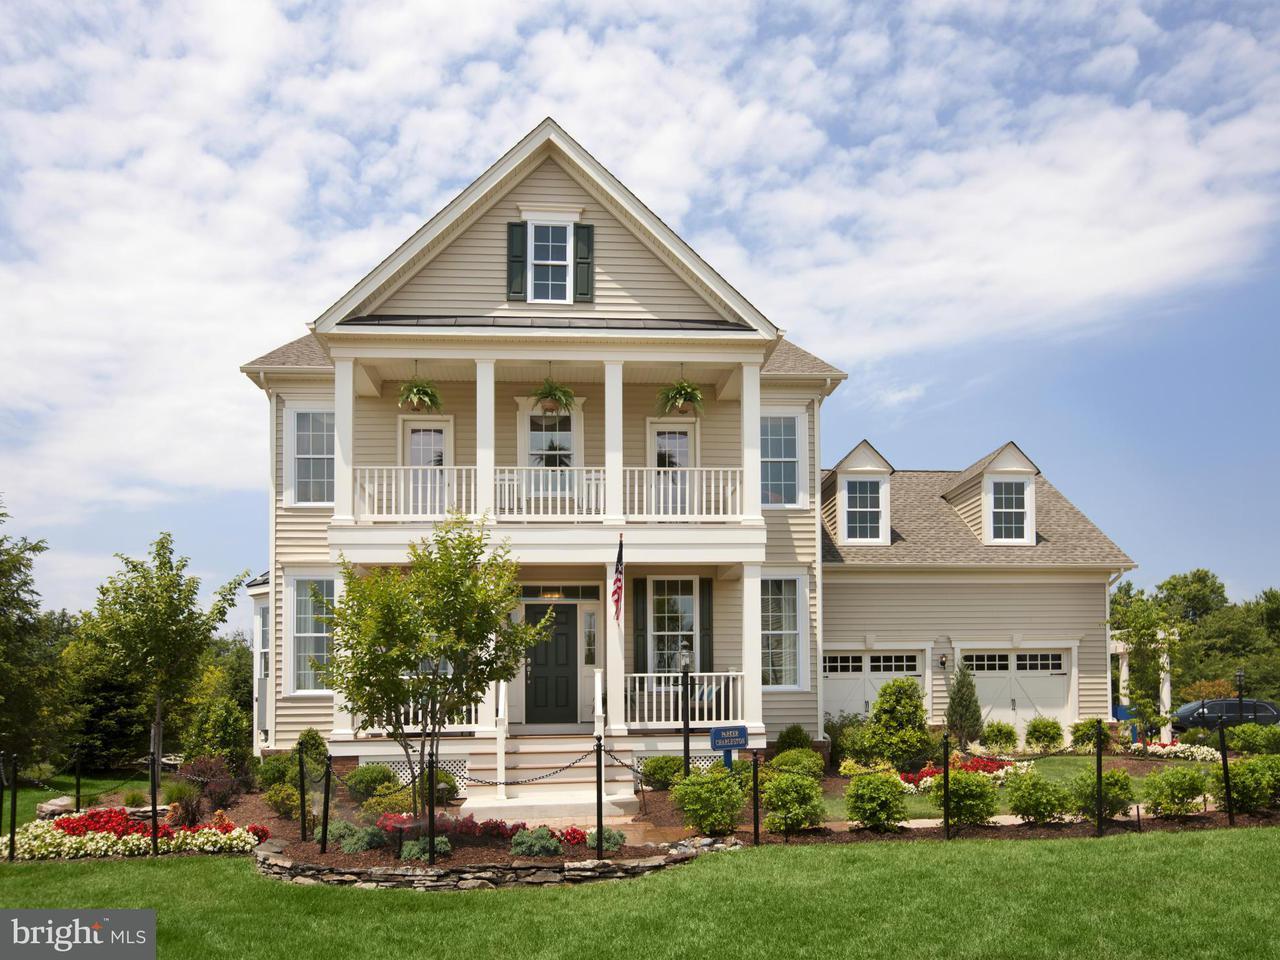 獨棟家庭住宅 為 出售 在 24267 CRABTREE Court 24267 CRABTREE Court Aldie, 弗吉尼亞州 20105 美國